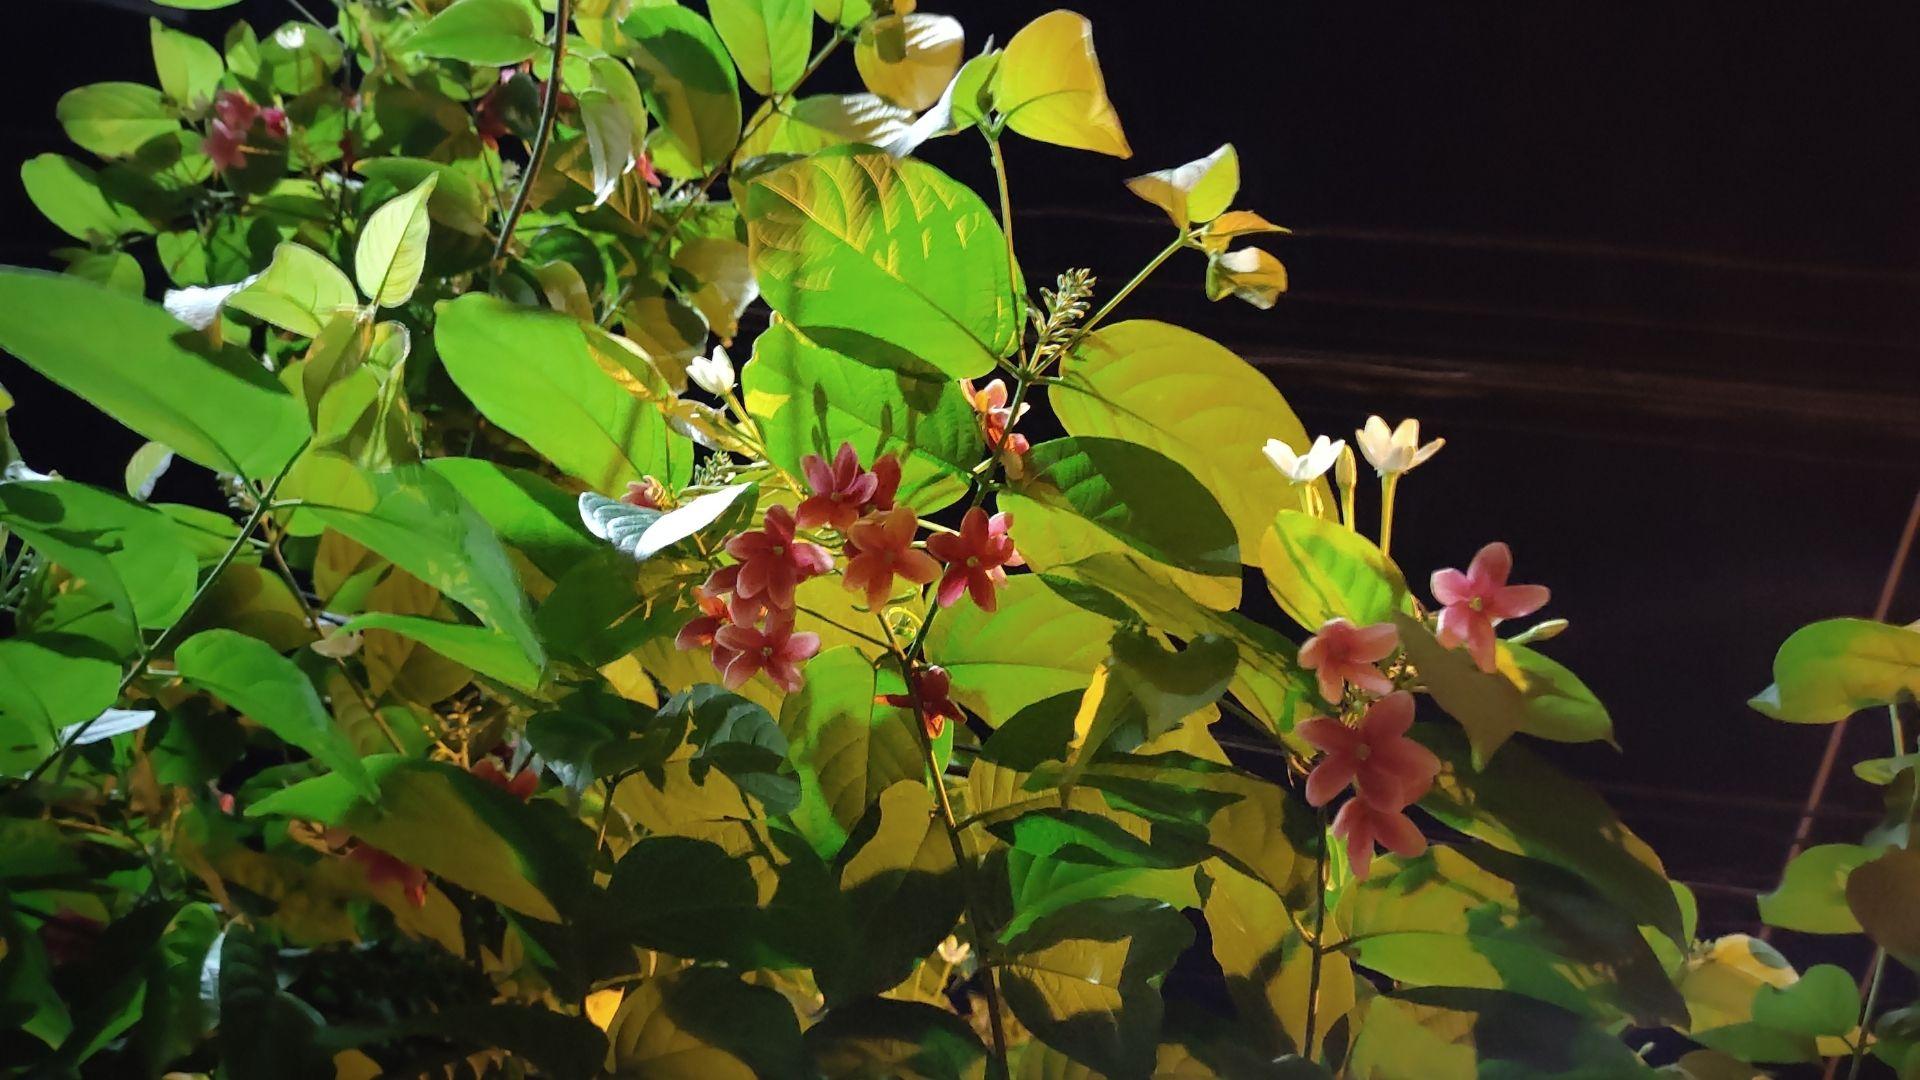 Foto tirada de uma planta tirada de noite e com a câmera principal